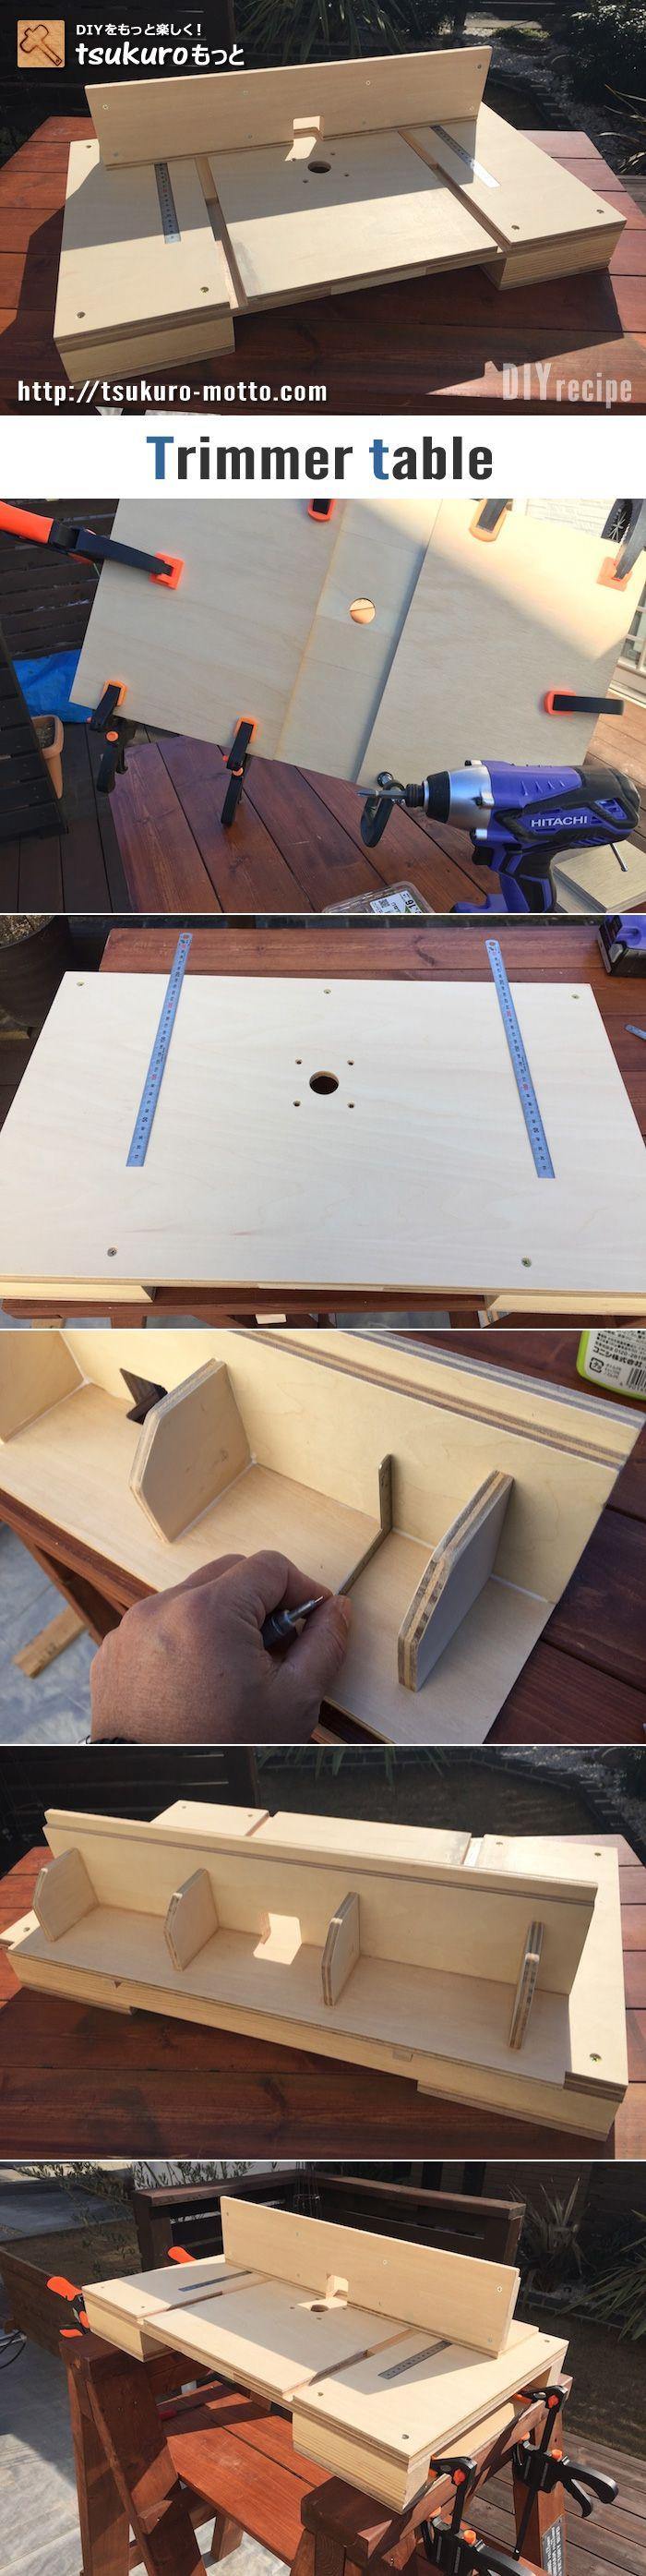 トリマーテーブルは、DIYにハマってくると欲しくなる大工道具です。DIY製作の効率化と正確さを考えて、脚なし基本作業タイプのトリマーテーブルを自作しました。#DIY #日曜大工 #自作 #大工道具 #トリマーテーブル